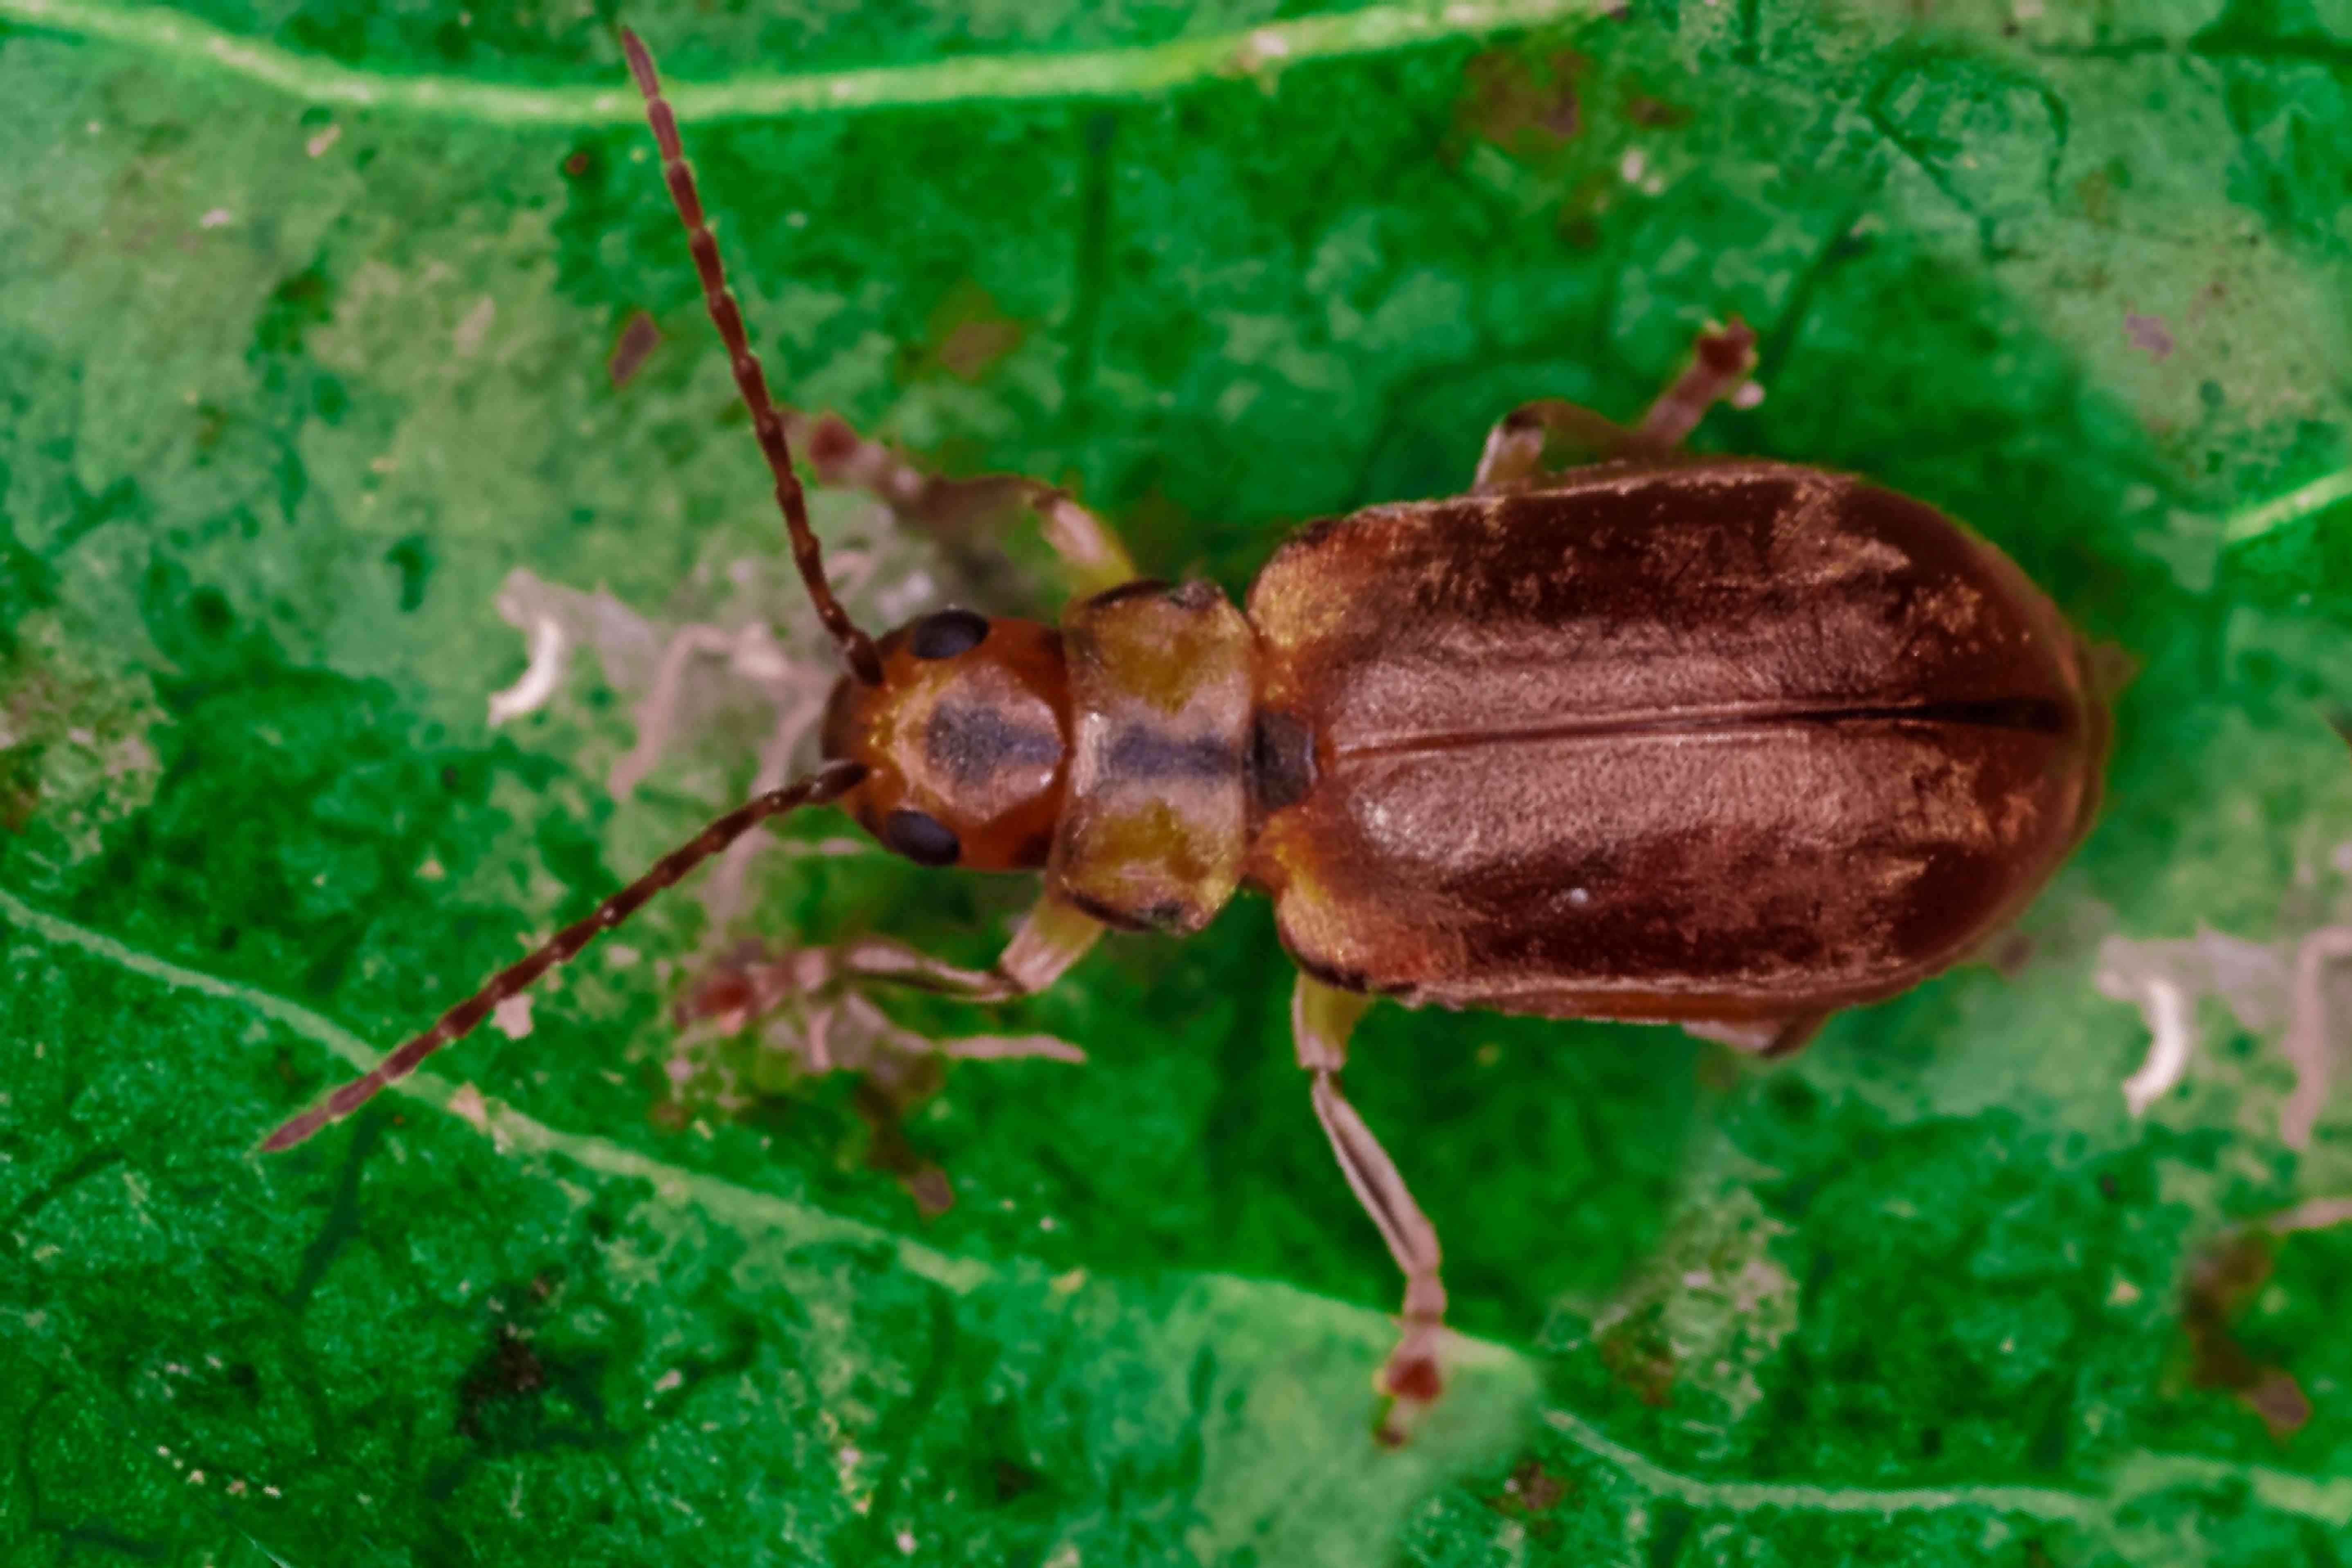 pest on a viburnum shrub leaf